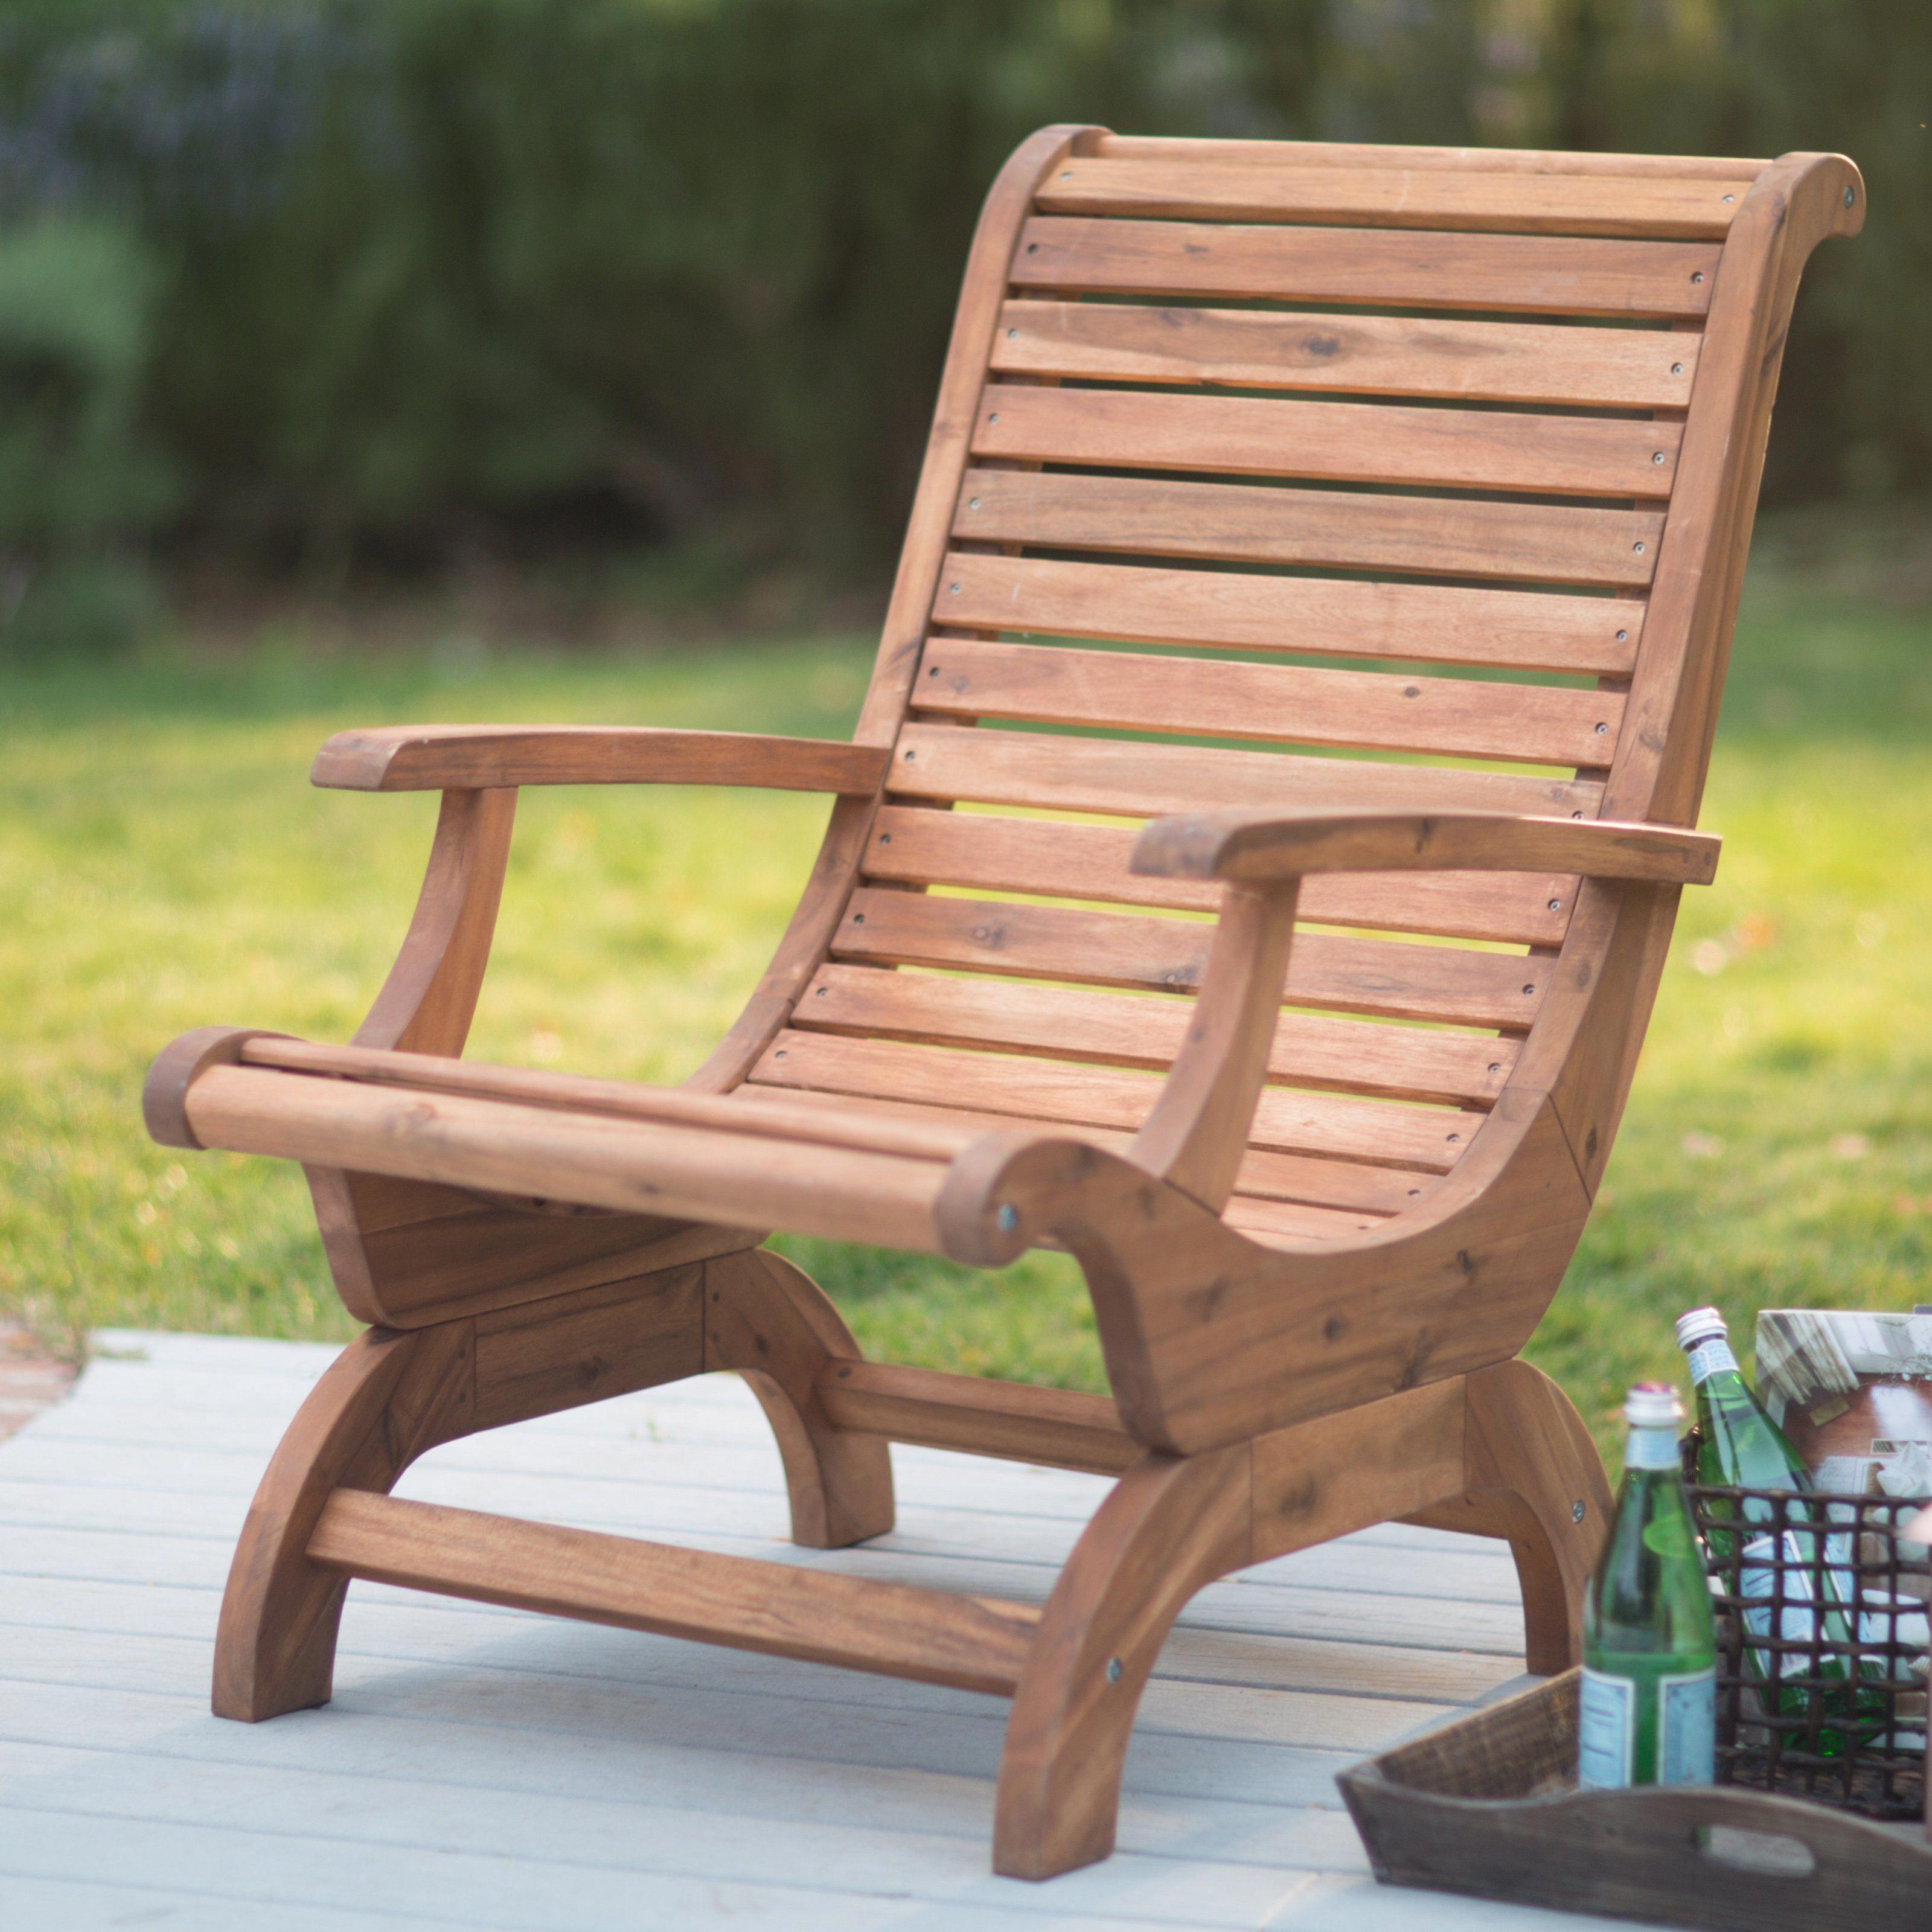 outdoor belham living avondale adirondack chair natural ns rh pinterest com